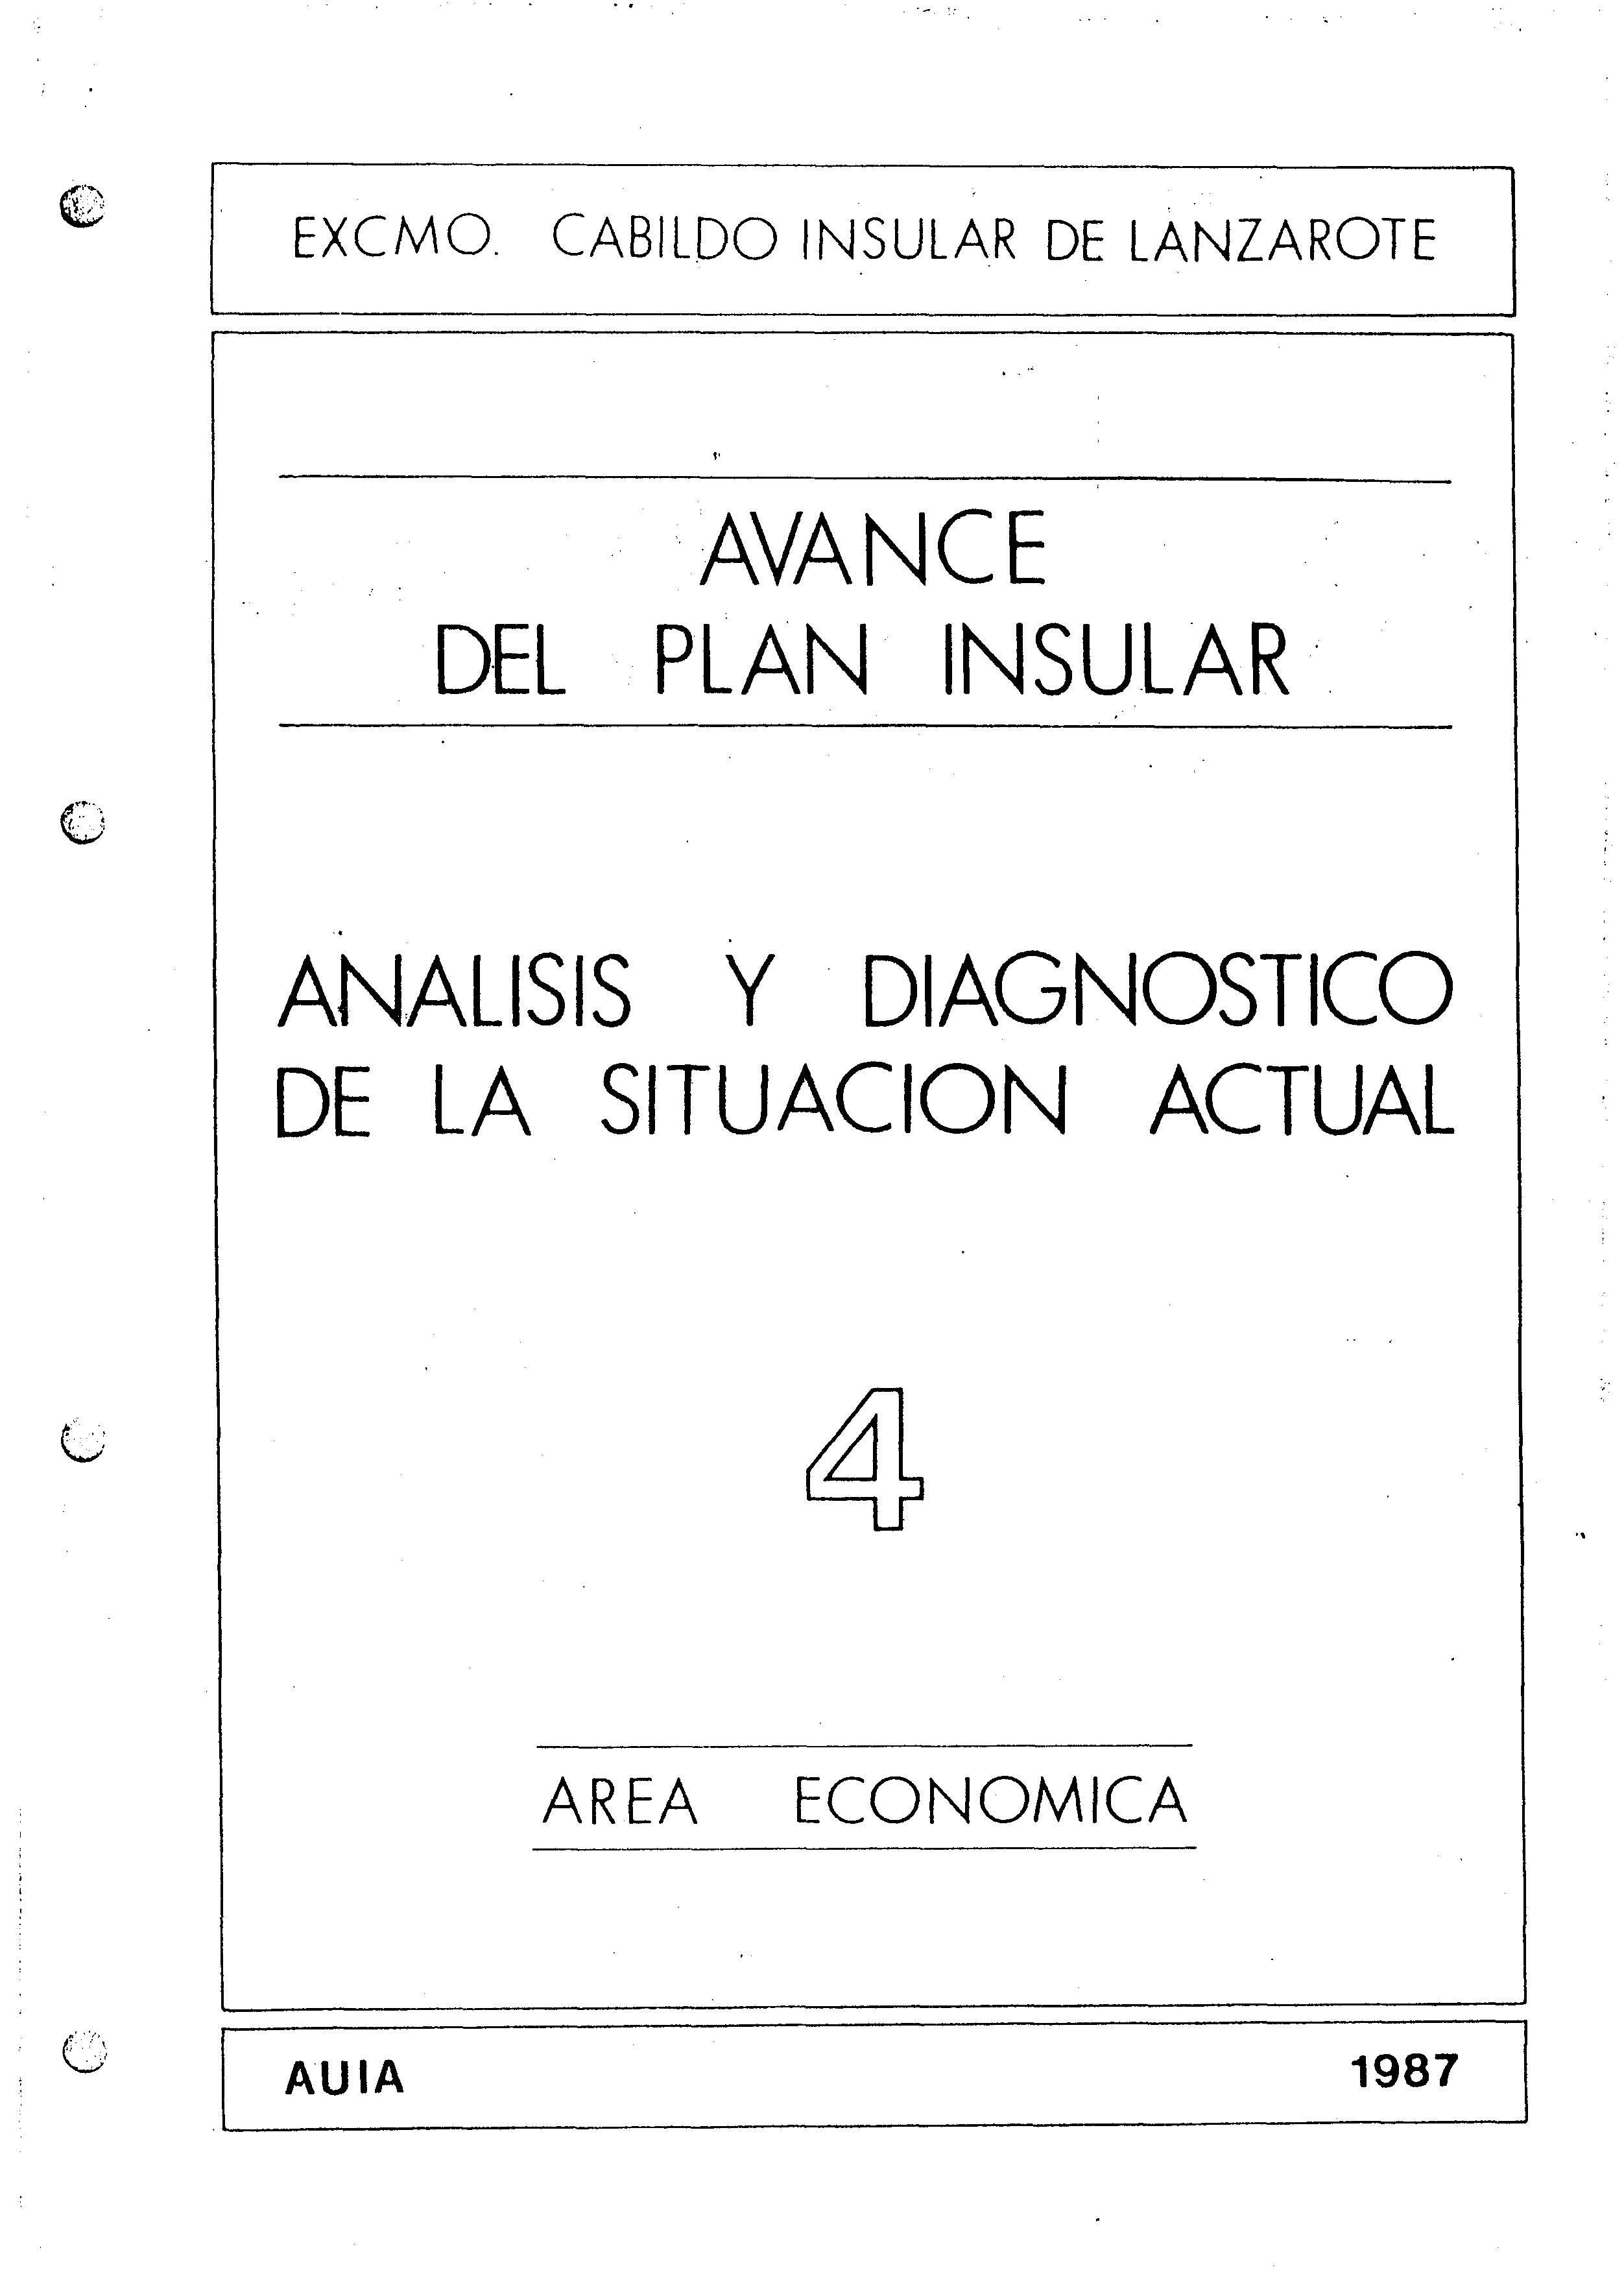 Tomo 4. Economía. Avance Plan Insular (1987)